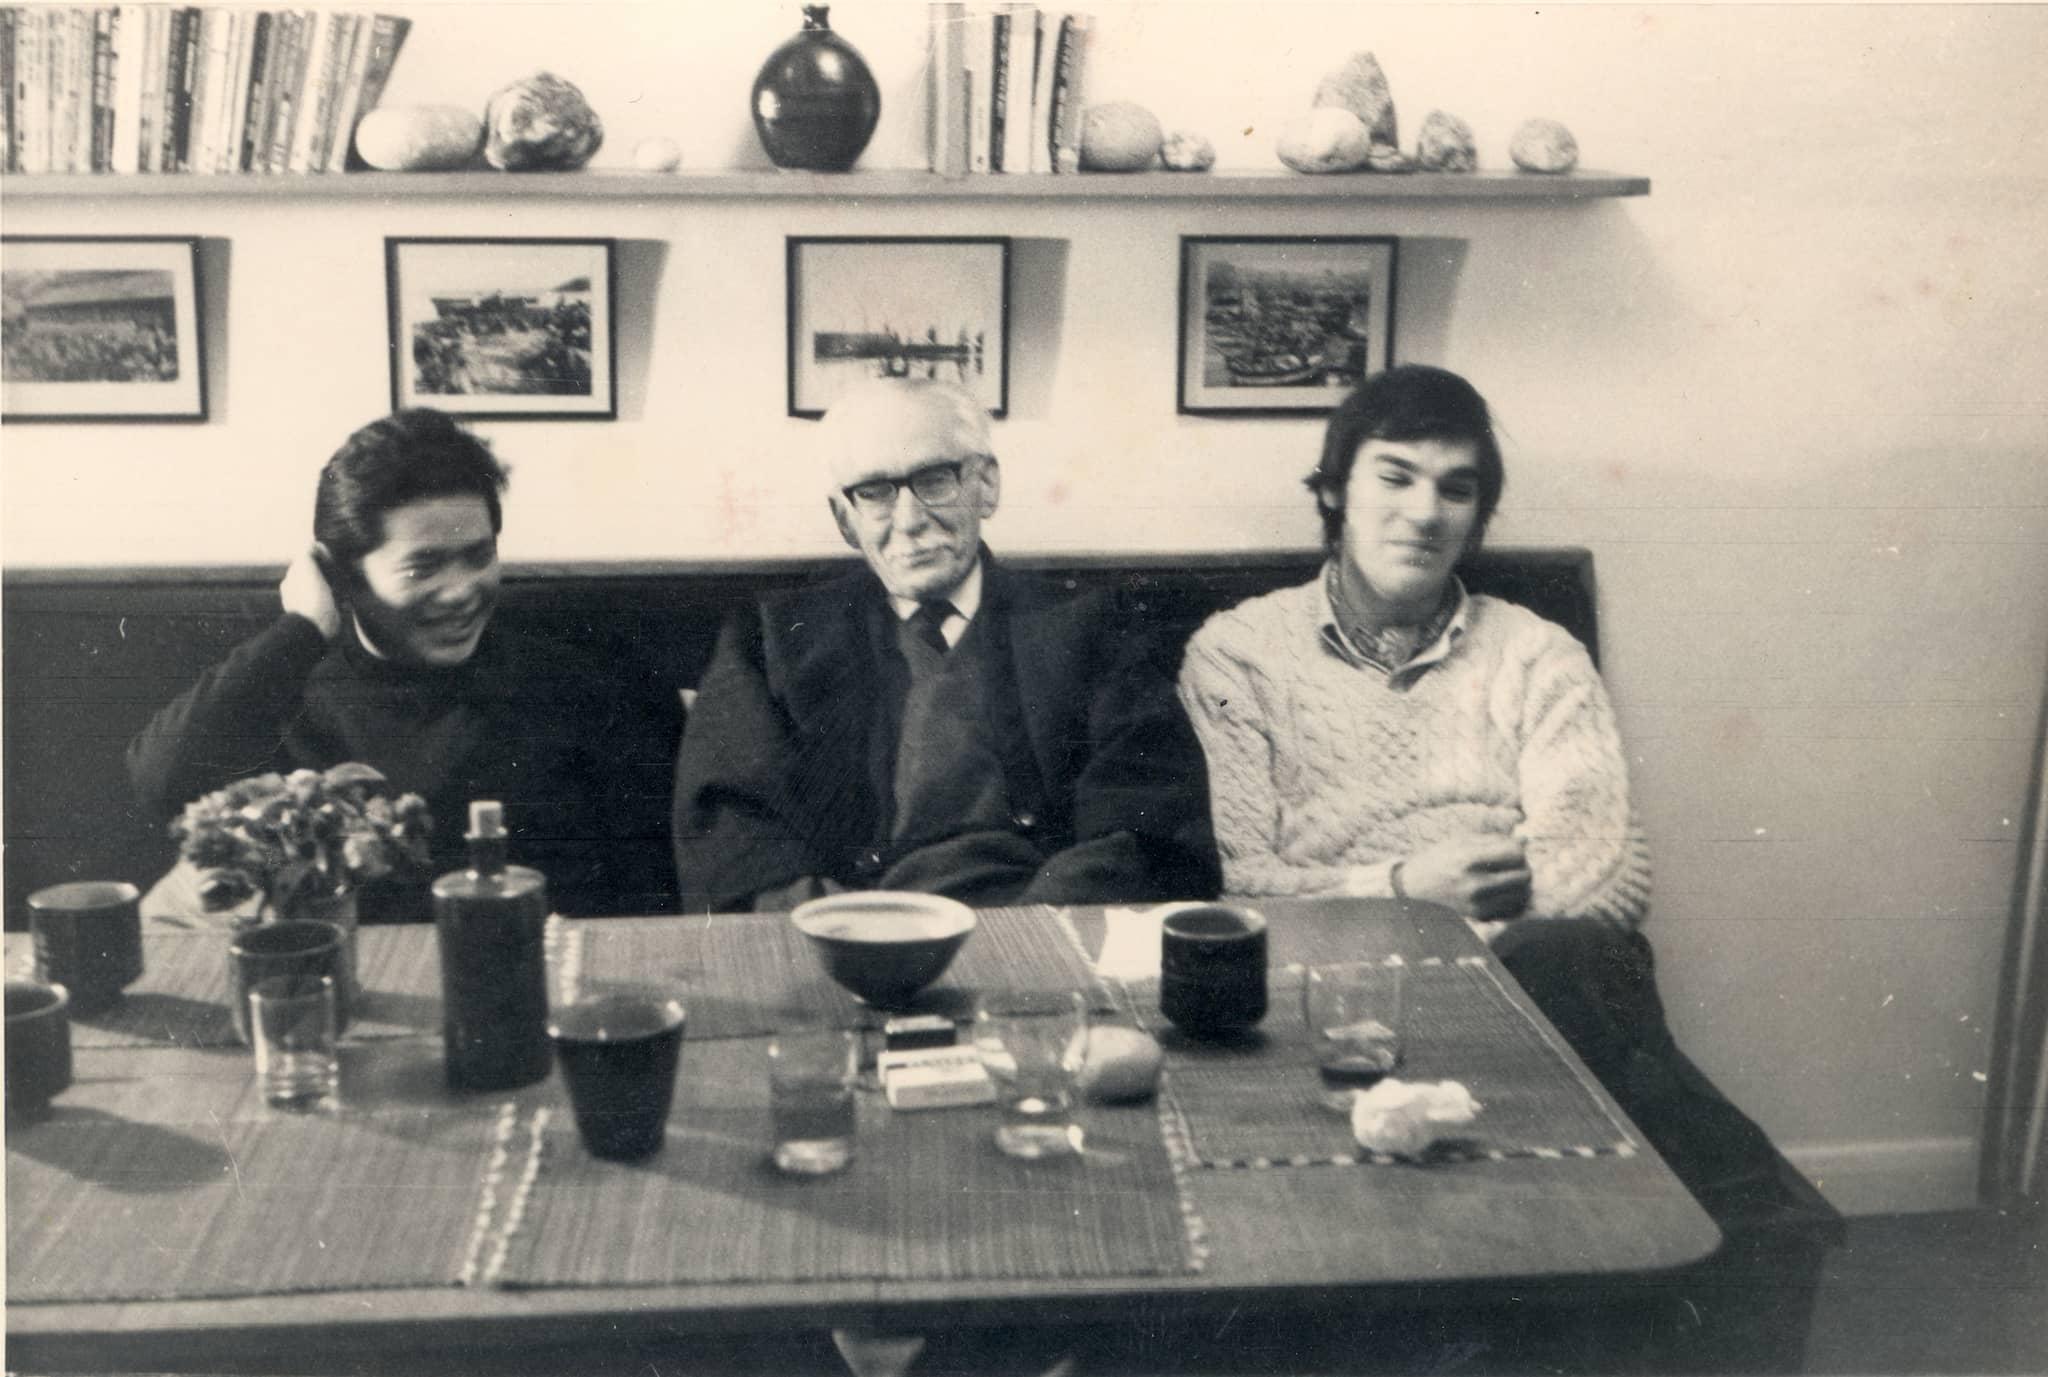 Dinner at Bernard Leach's home (l-r): Shigeyoshi Ichino, Bernard Leach, Jeff Oestreich, 1970. Courtesy of Jeff Oestreich.